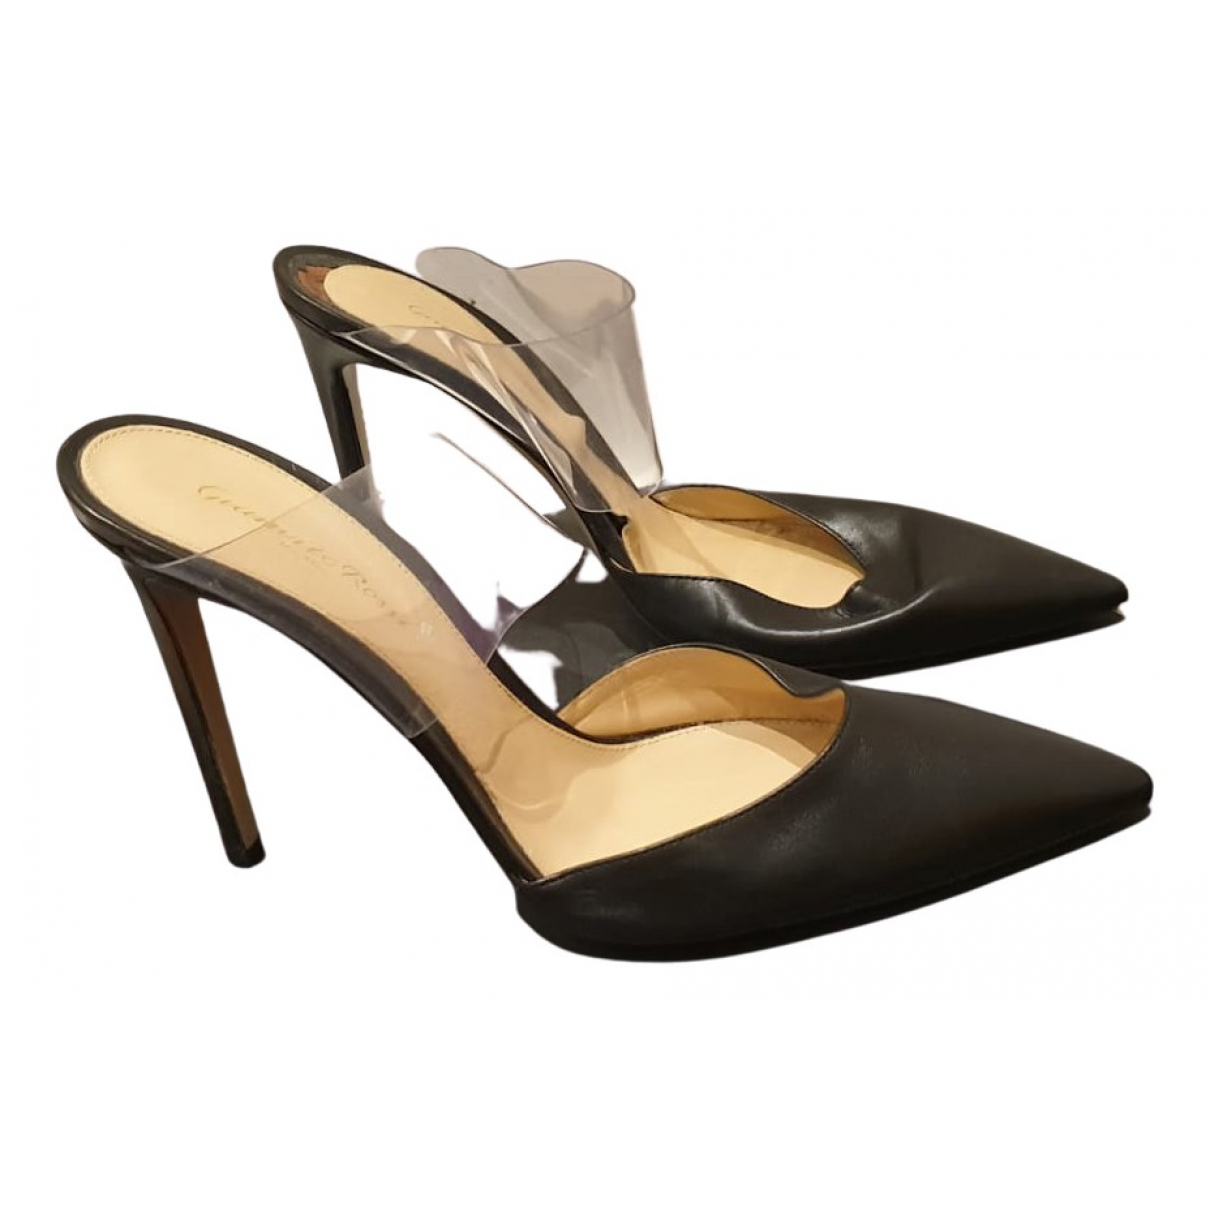 Gianvito Rossi Plexi Black Leather Heels for Women 40 EU